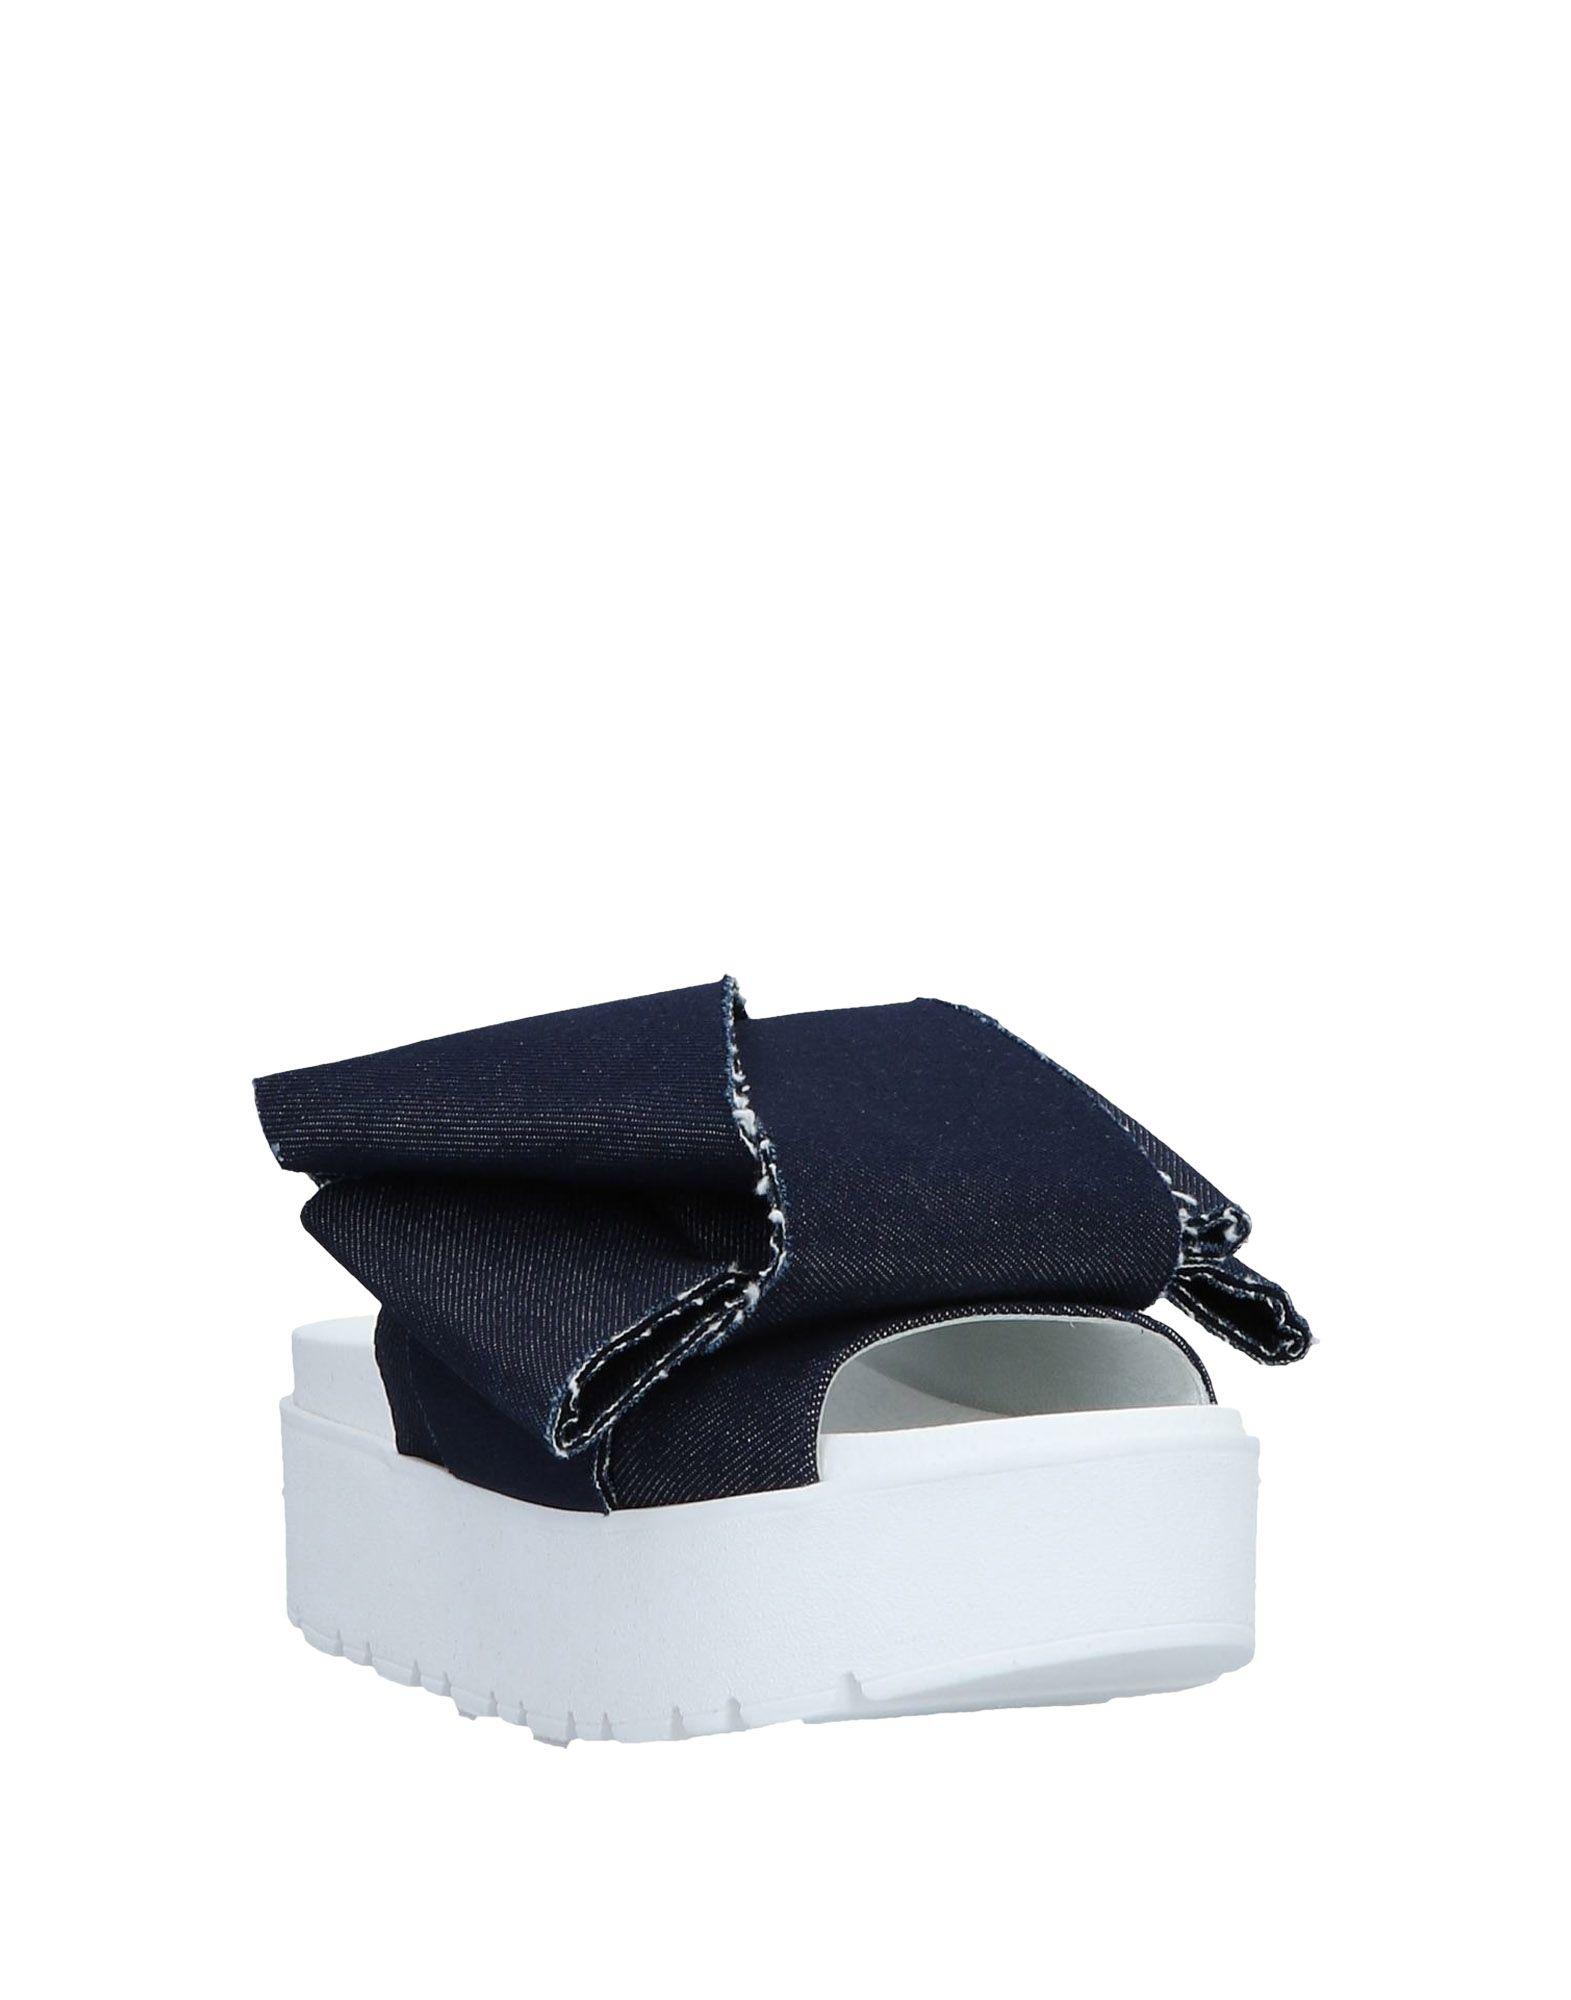 olivia femmes et # 39; s bow sandales - femmes olivia olivia & # 39; s bow 11506388qf sandales en ligne le royaume - uni - 092d8d